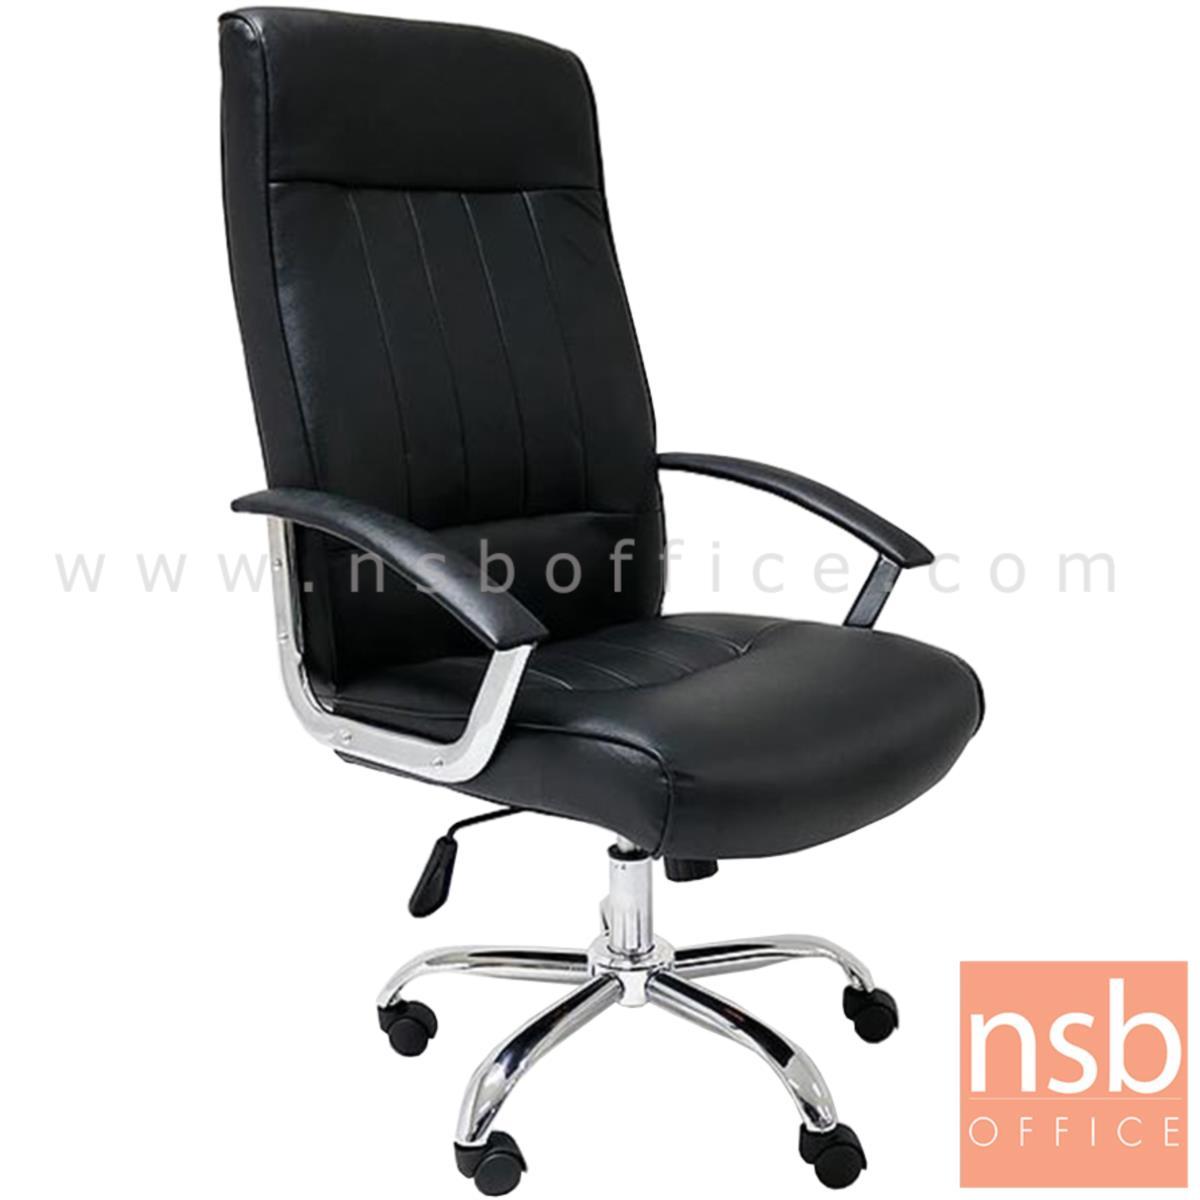 B01A482:เก้าอี้ผู้บริหาร รุ่น Minnelli (มินเนลลิ)  โช๊คแก๊ส มีก้อนโยก ขาเหล็กชุบโครเมี่ยม